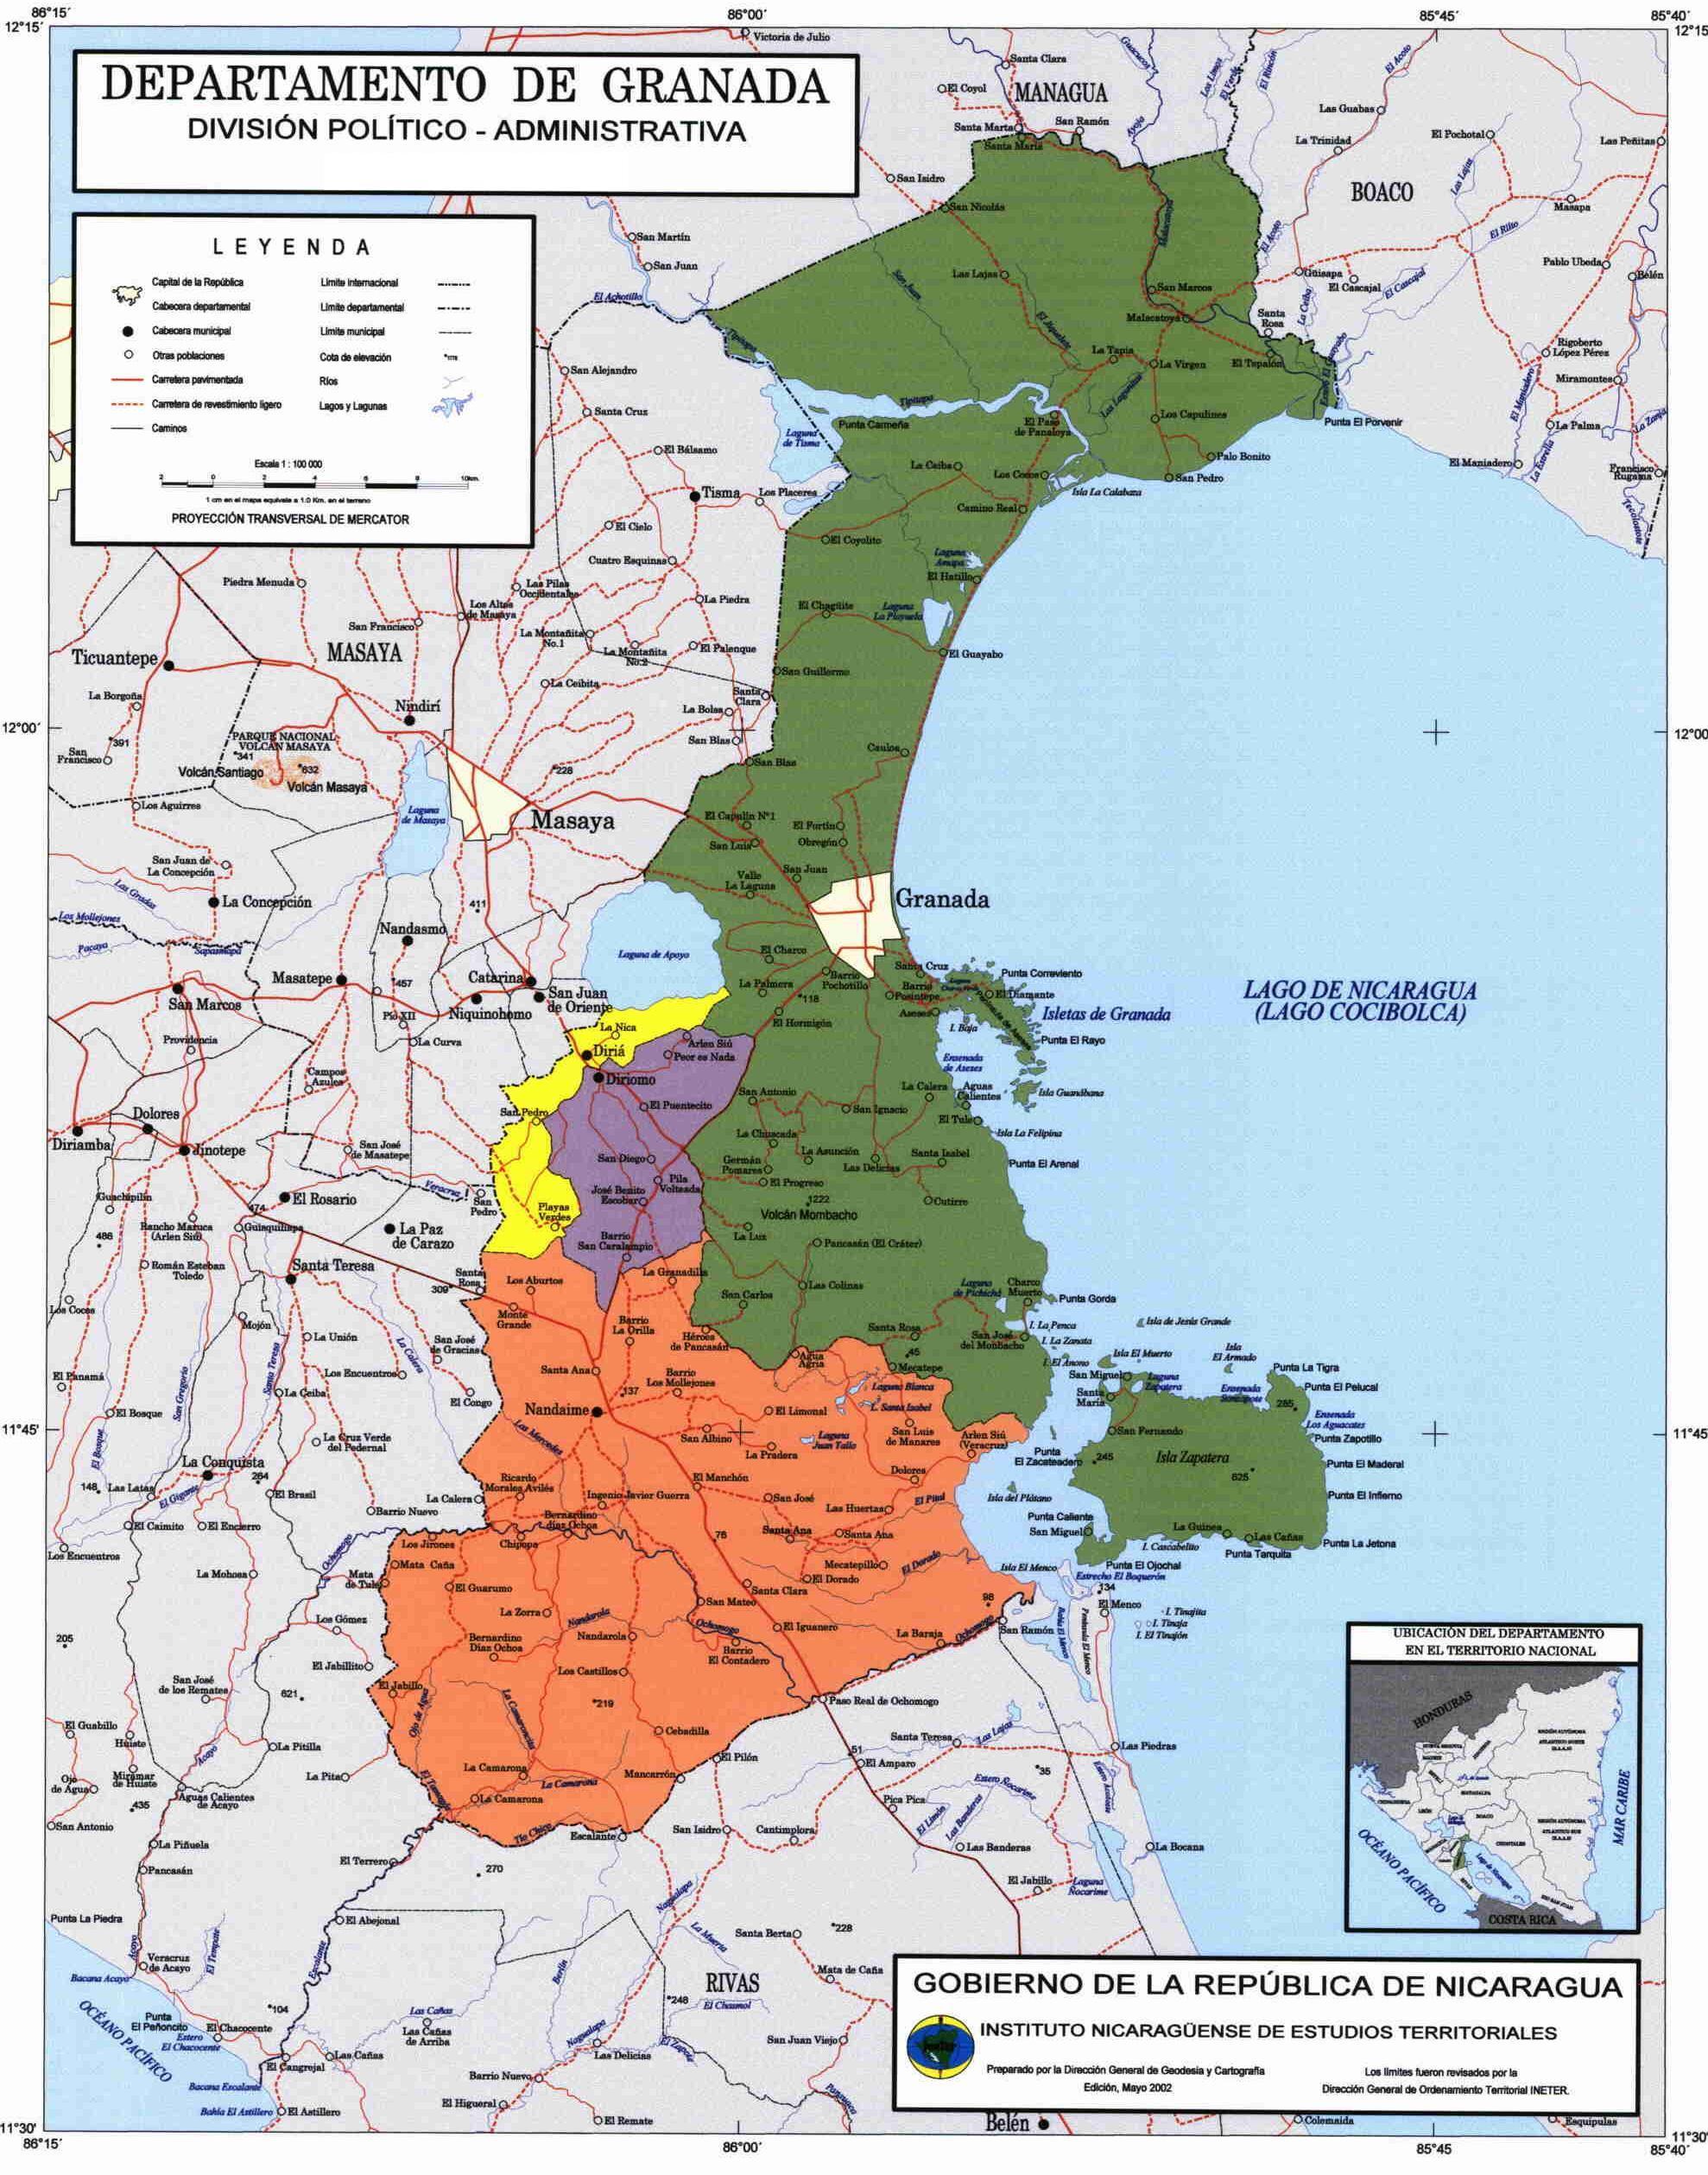 Mapa de Granada, División Político-Administrativa del Departamento, Nicaragua